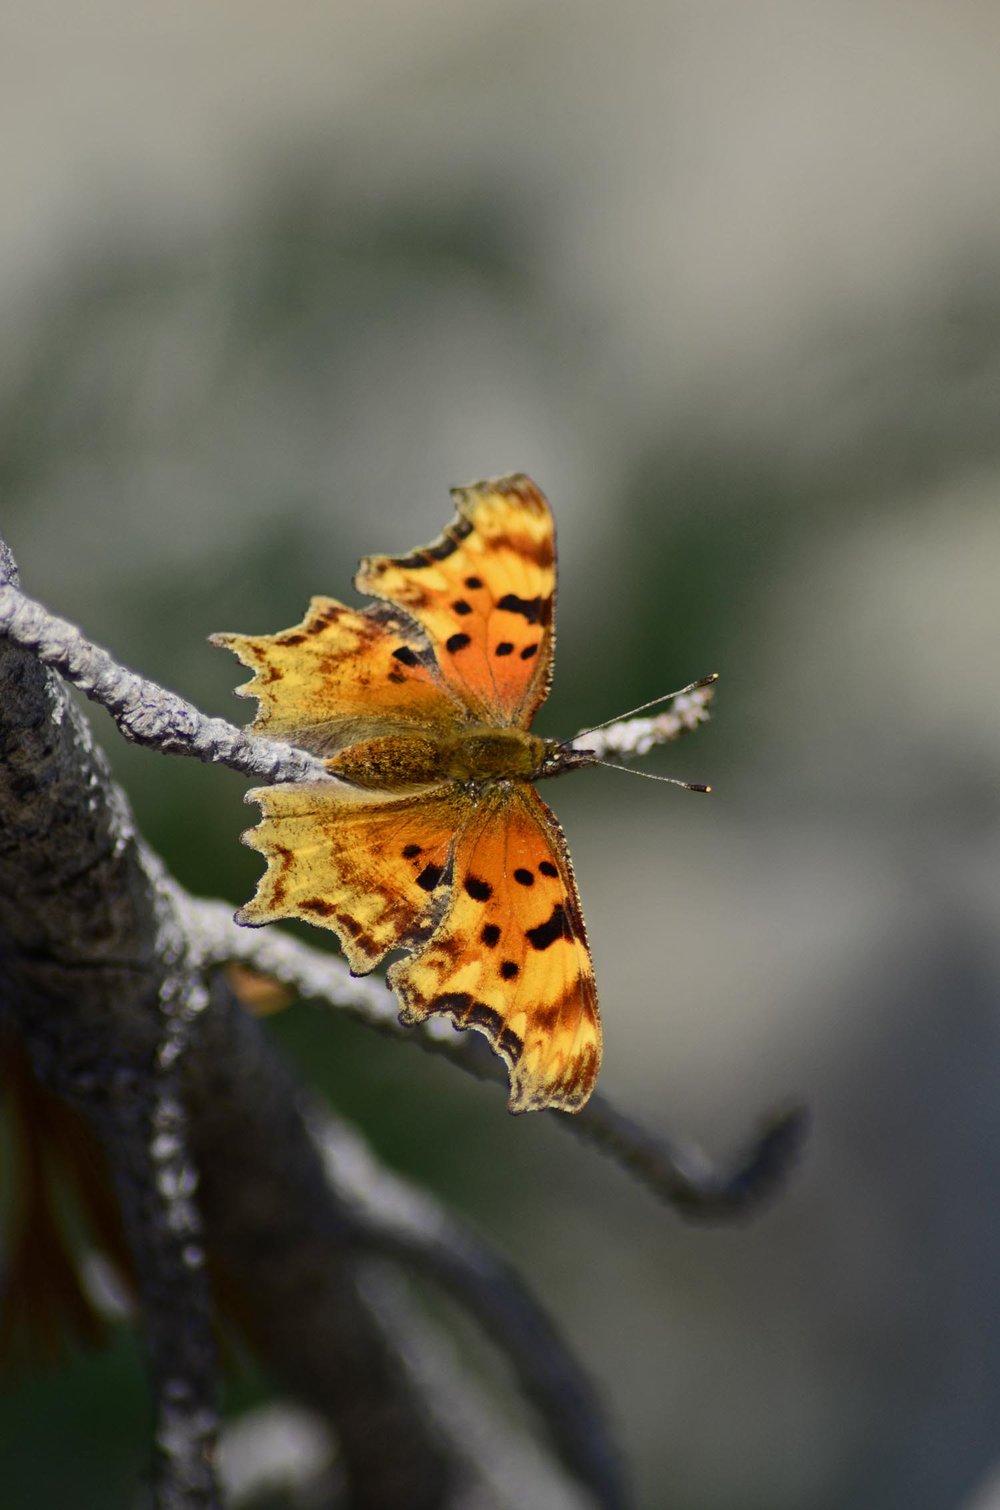 orangebutterfly.jpg